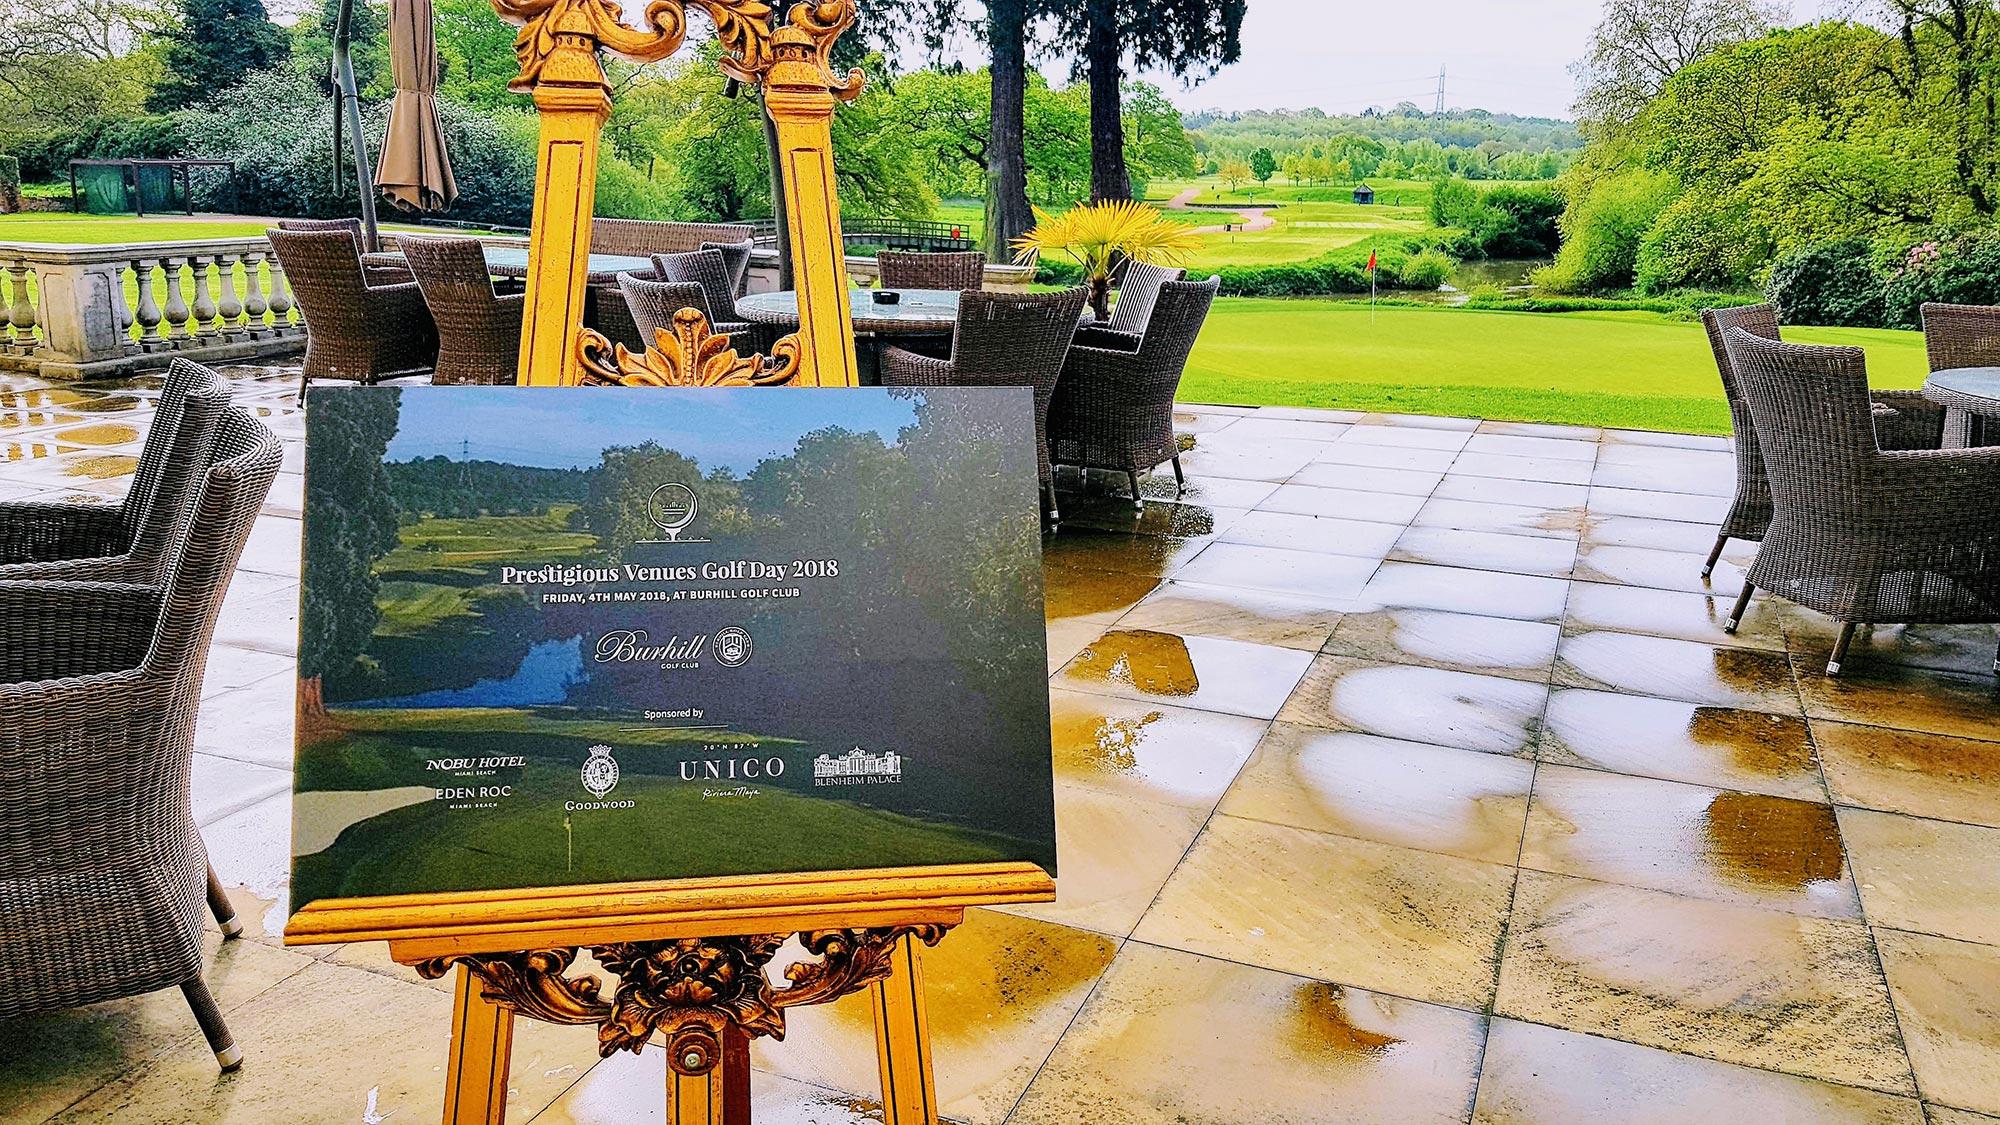 Prestigious Venues Golf Day 2018, Burhill Golf Club, 2000px, 001